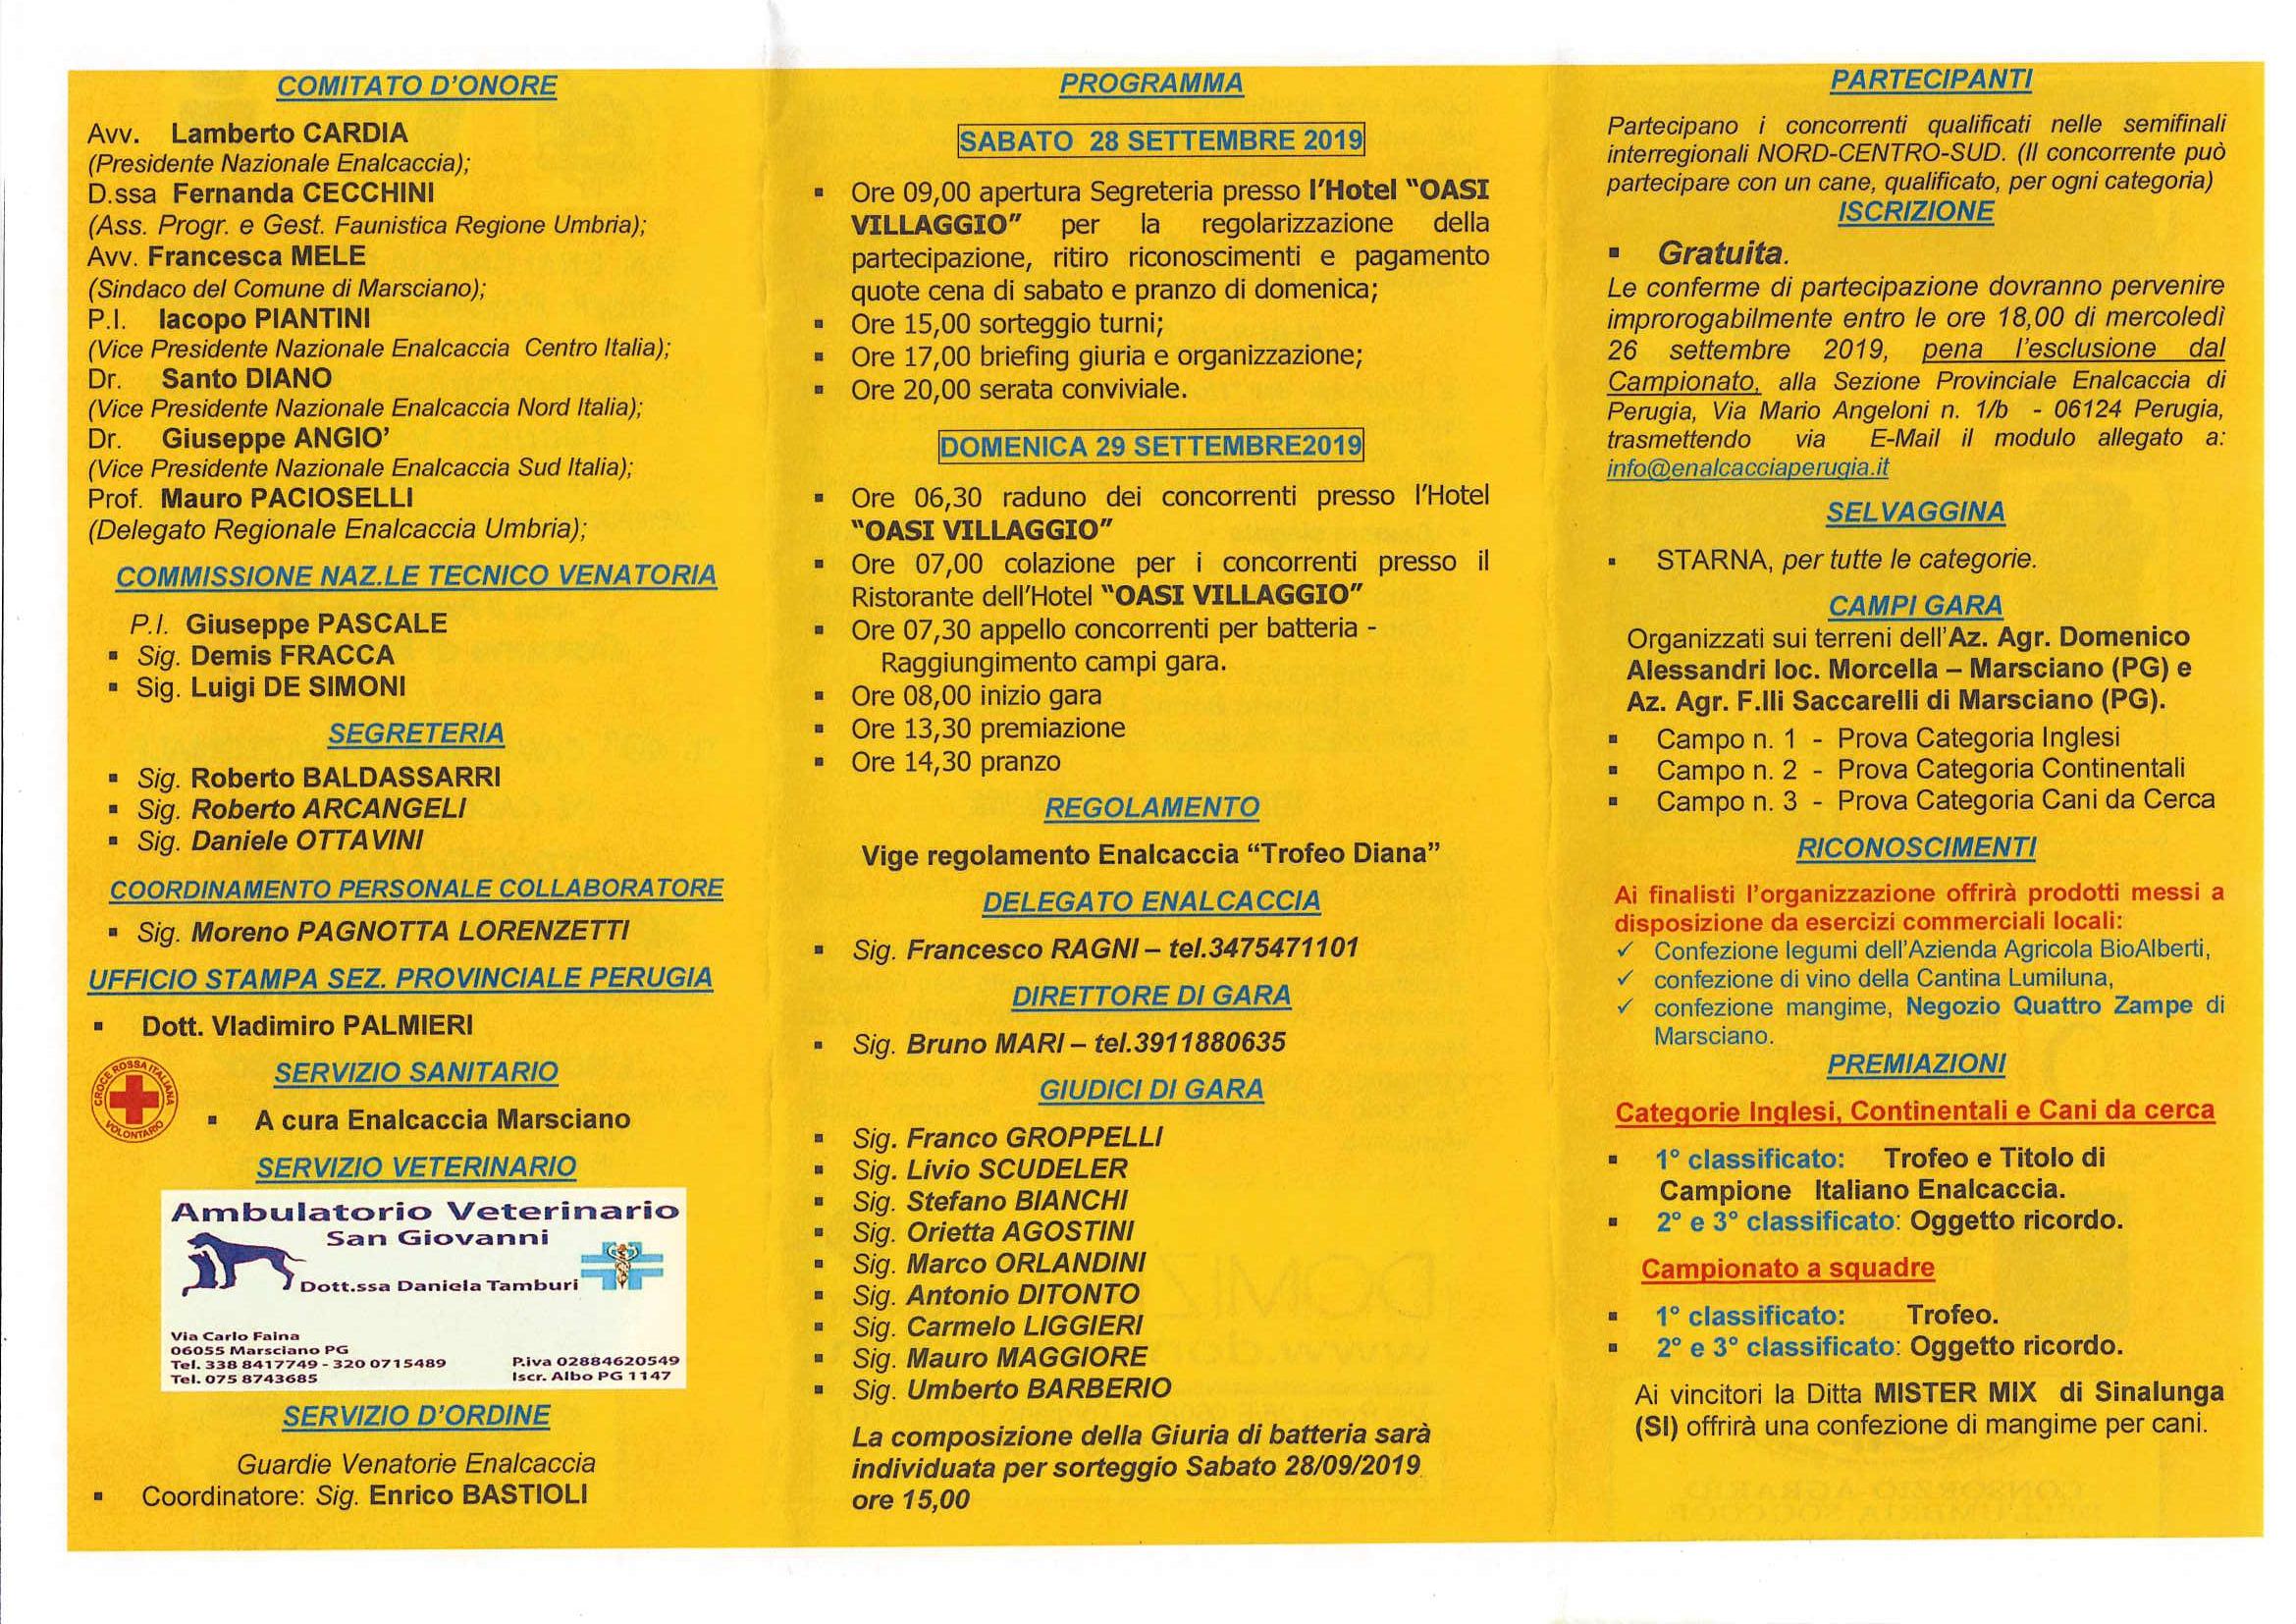 Calendario Pesca Sportiva Fvg 2020.Associazione Venatoria Unione Nazionale Enalcaccia Pesca E